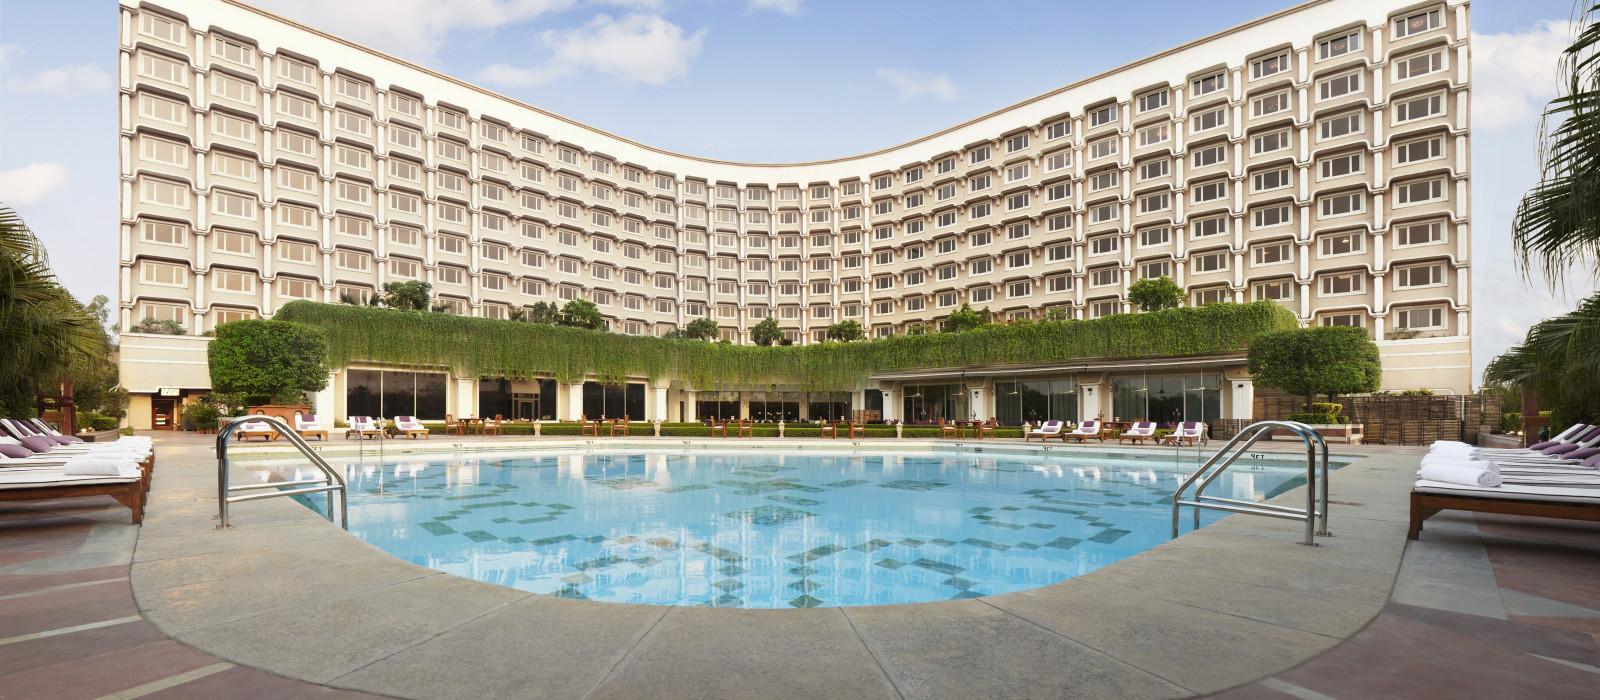 Hotel Taj Palace, New Delhi North India